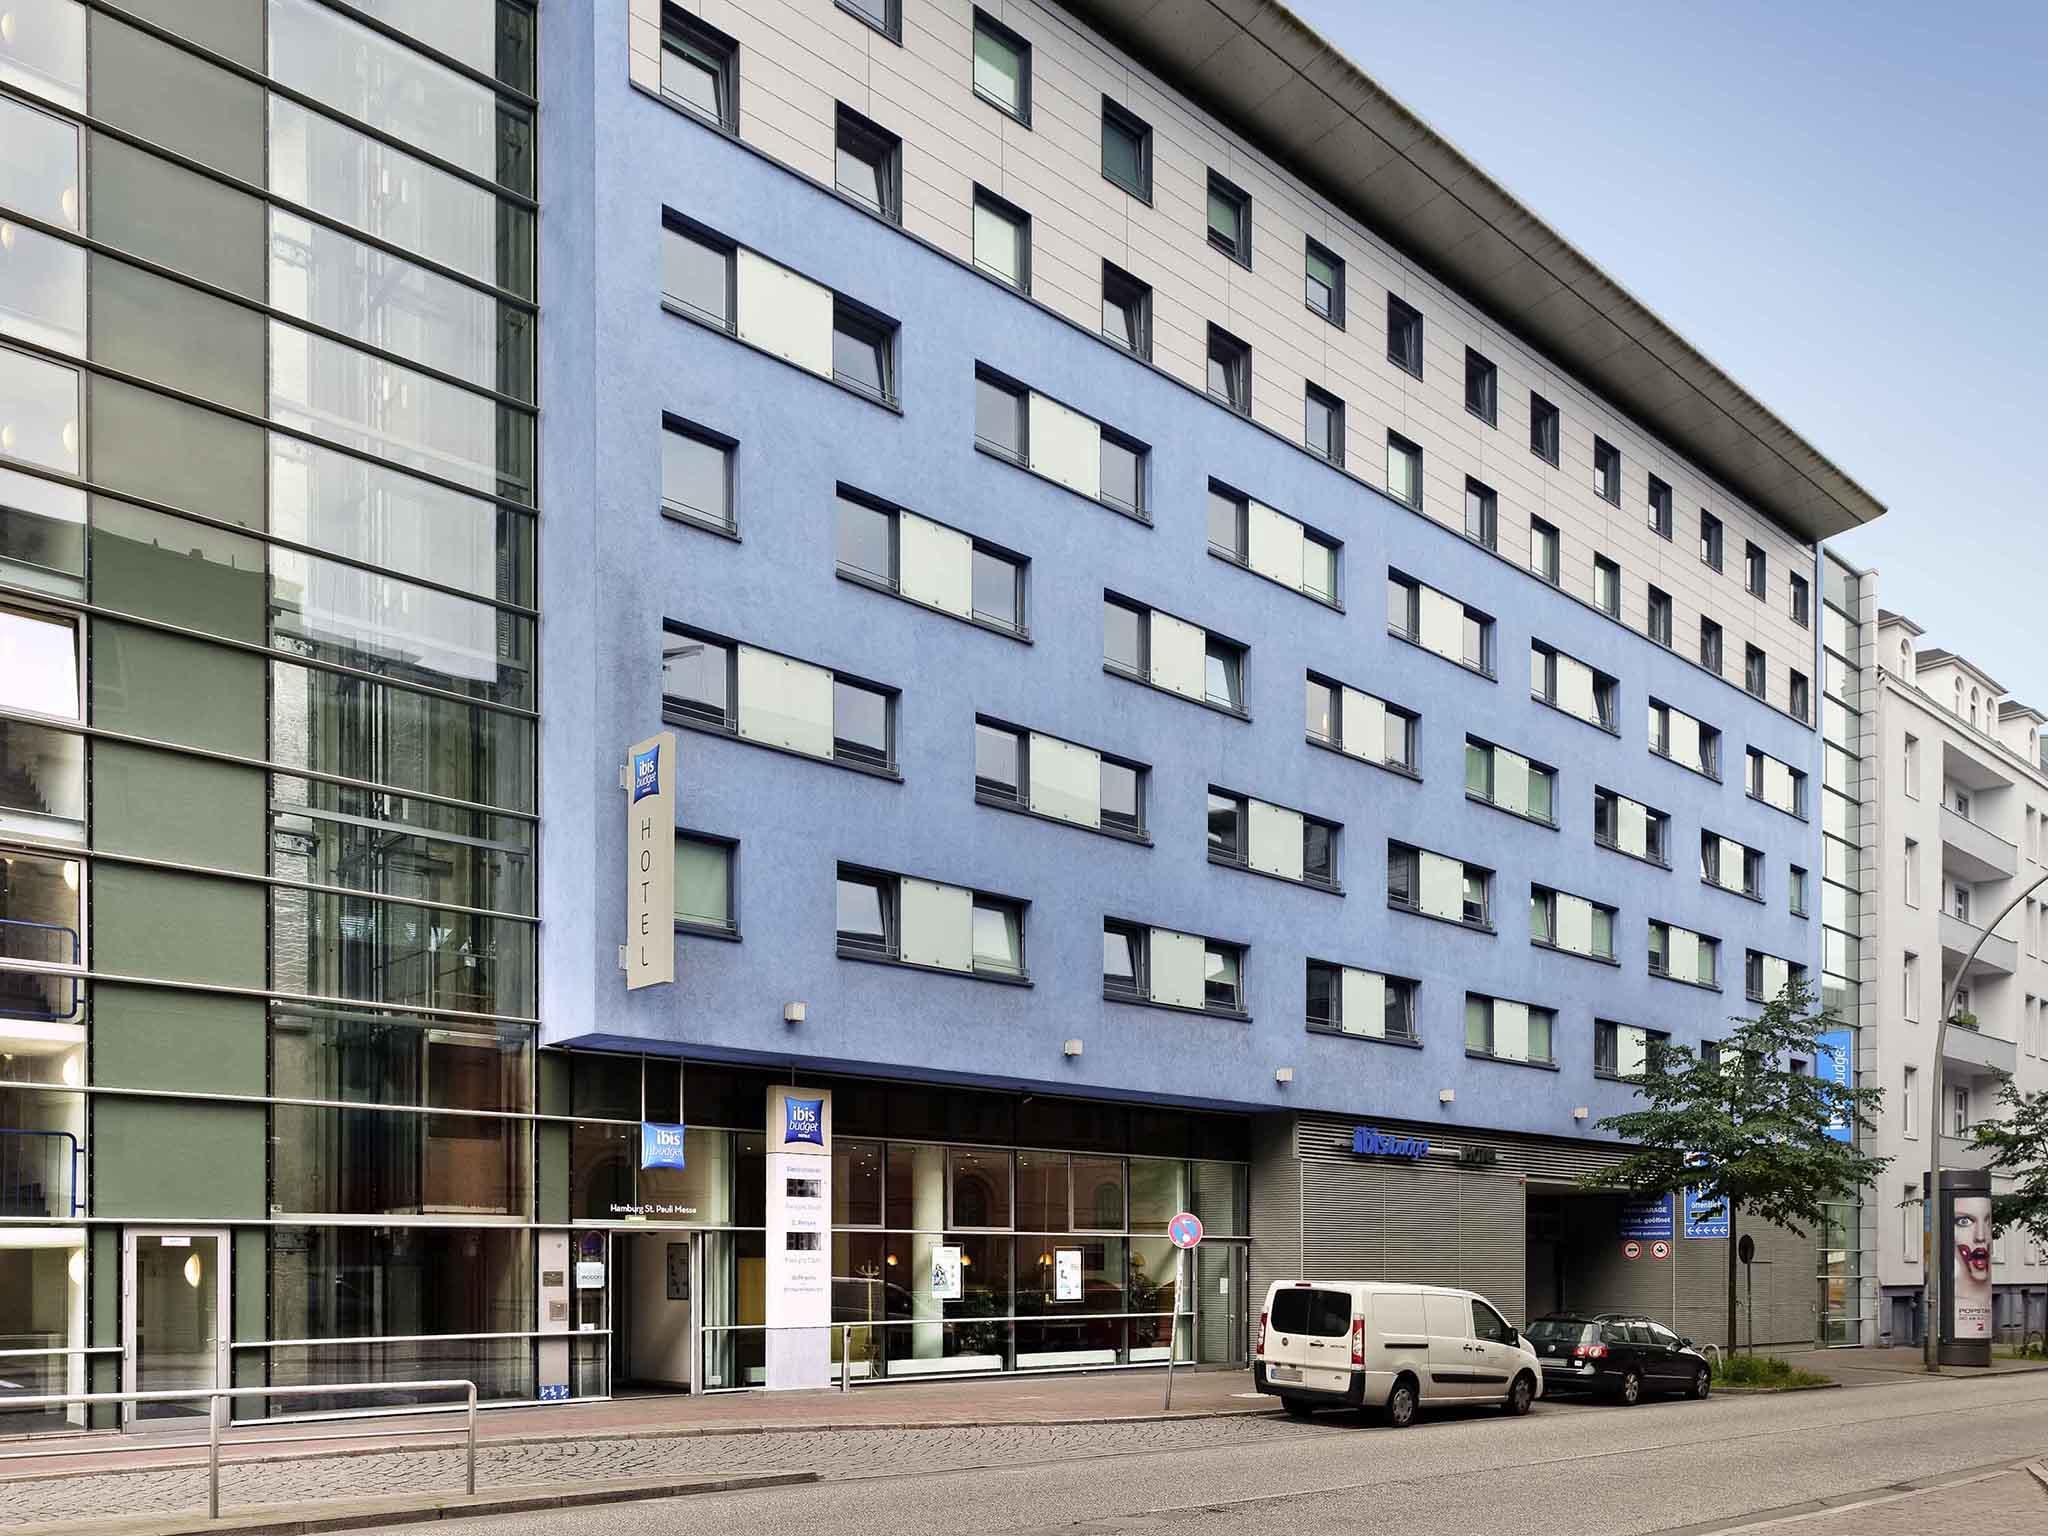 فندق - إيبيس بدجت ibis budget هامبورغ سانت بولي ميسي